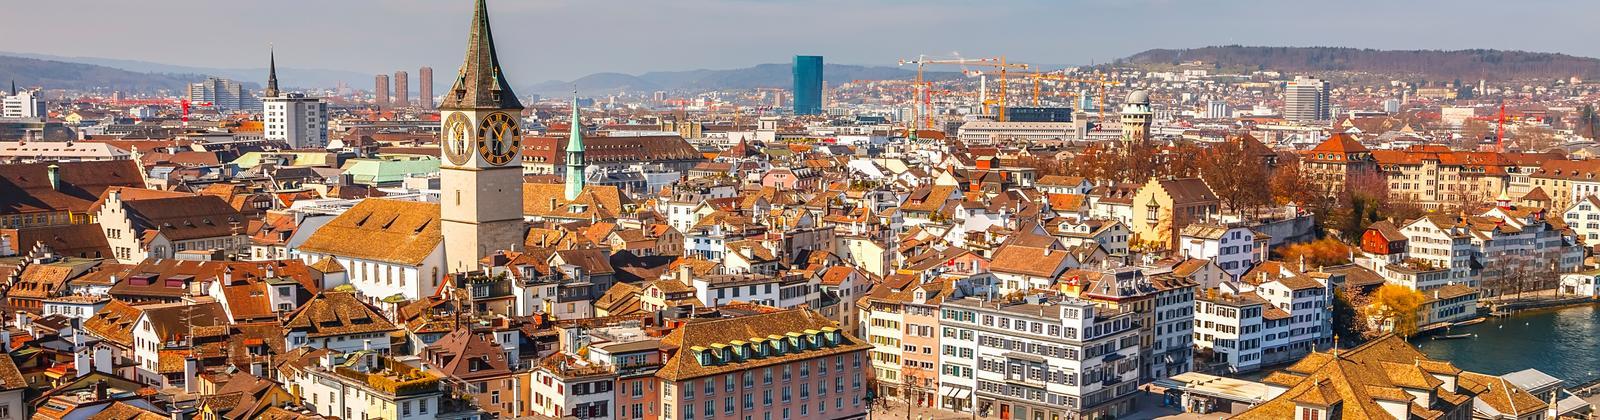 Le 10 citt della svizzera pi belle da vedere for Citta tedesca nota per le fabbriche di auto